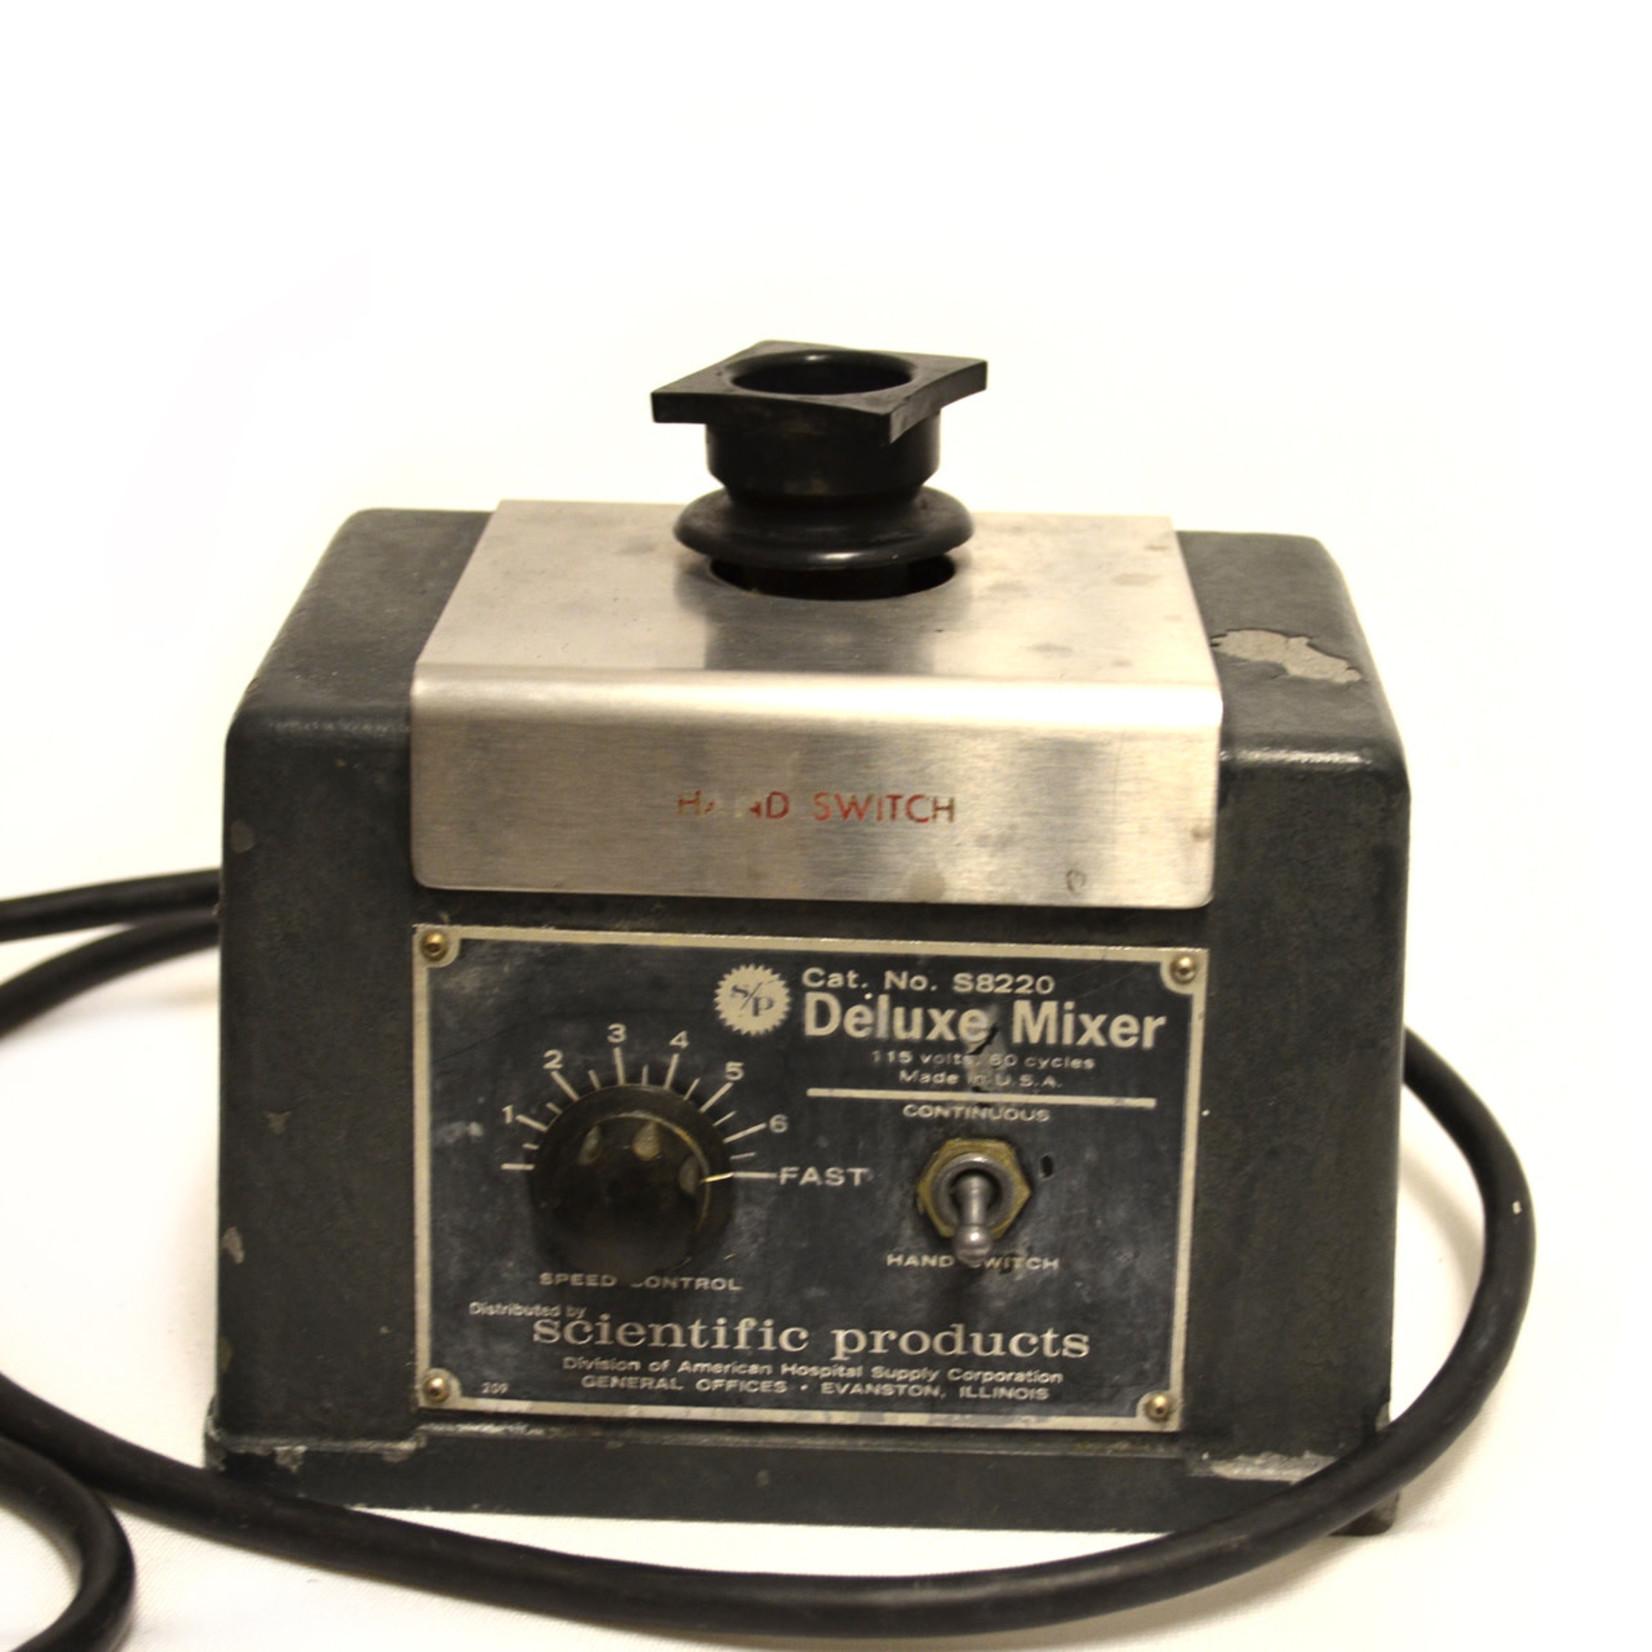 Deluxe Mixer